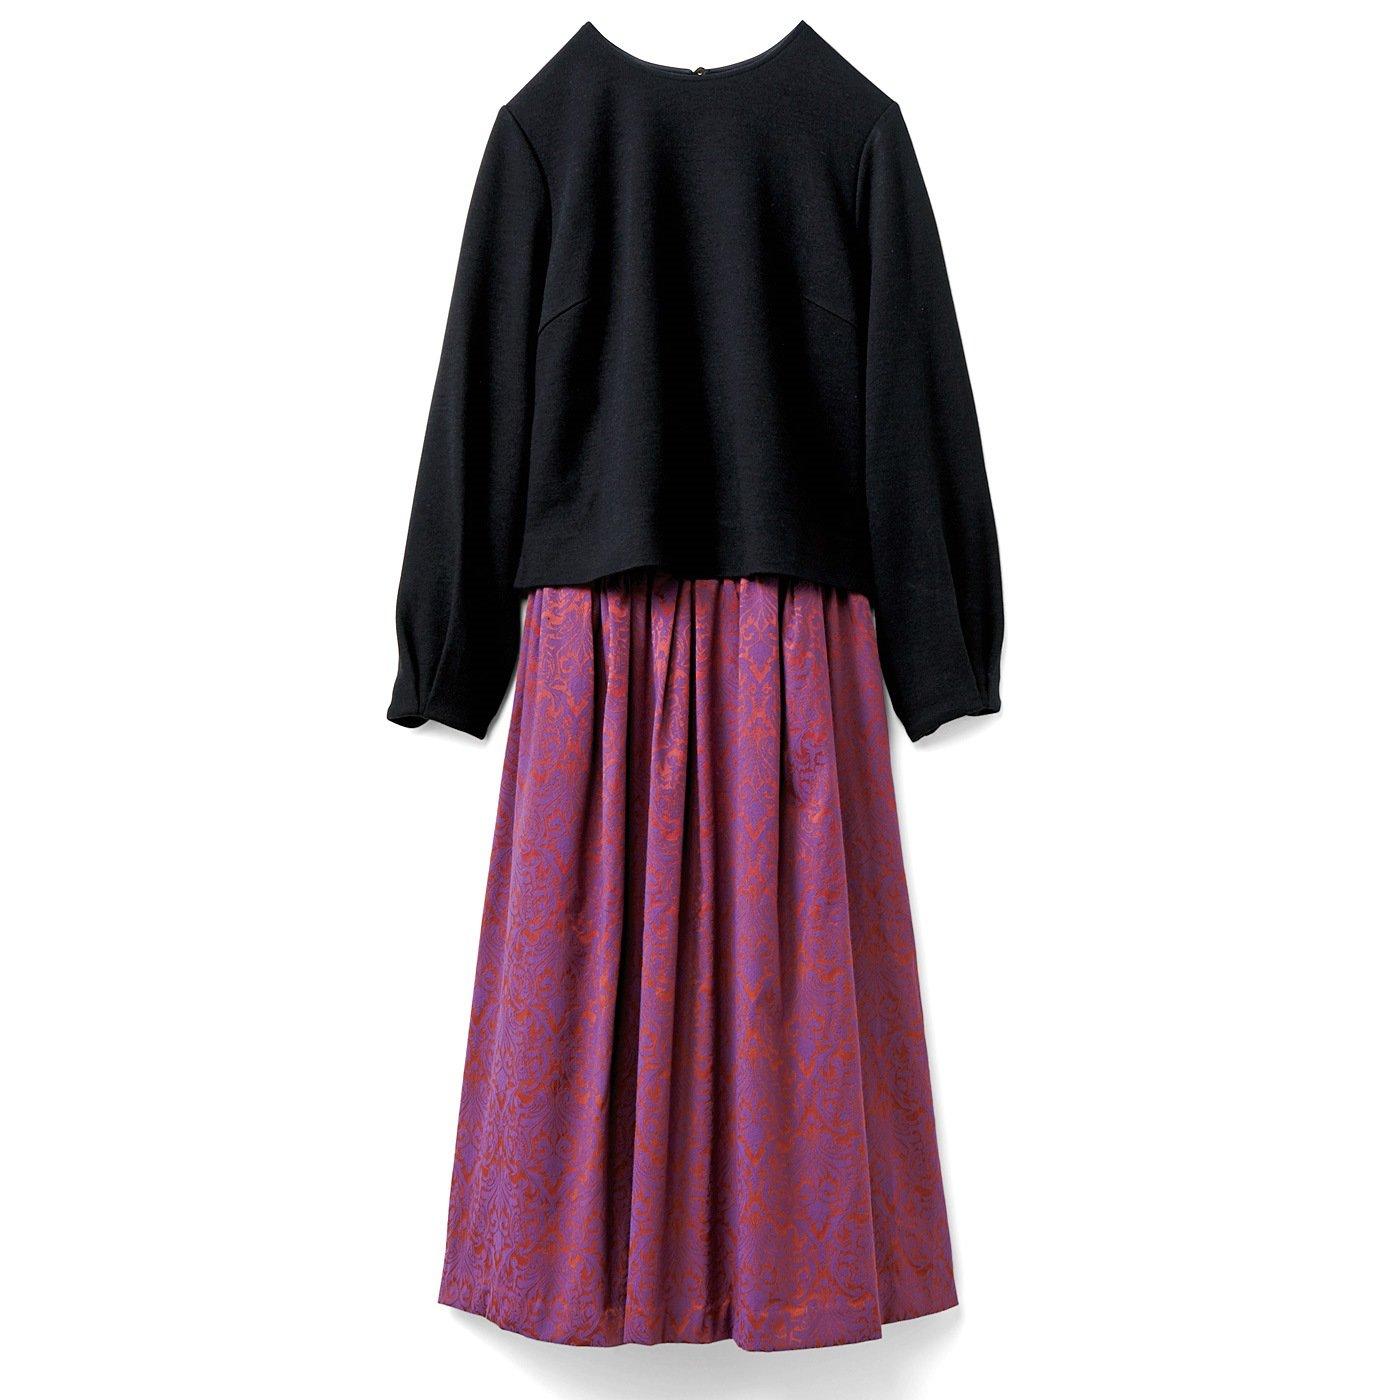 IEDIT ジャカードスカートドッキング コーデしているみたいな華やかワンピース〈ブラック〉